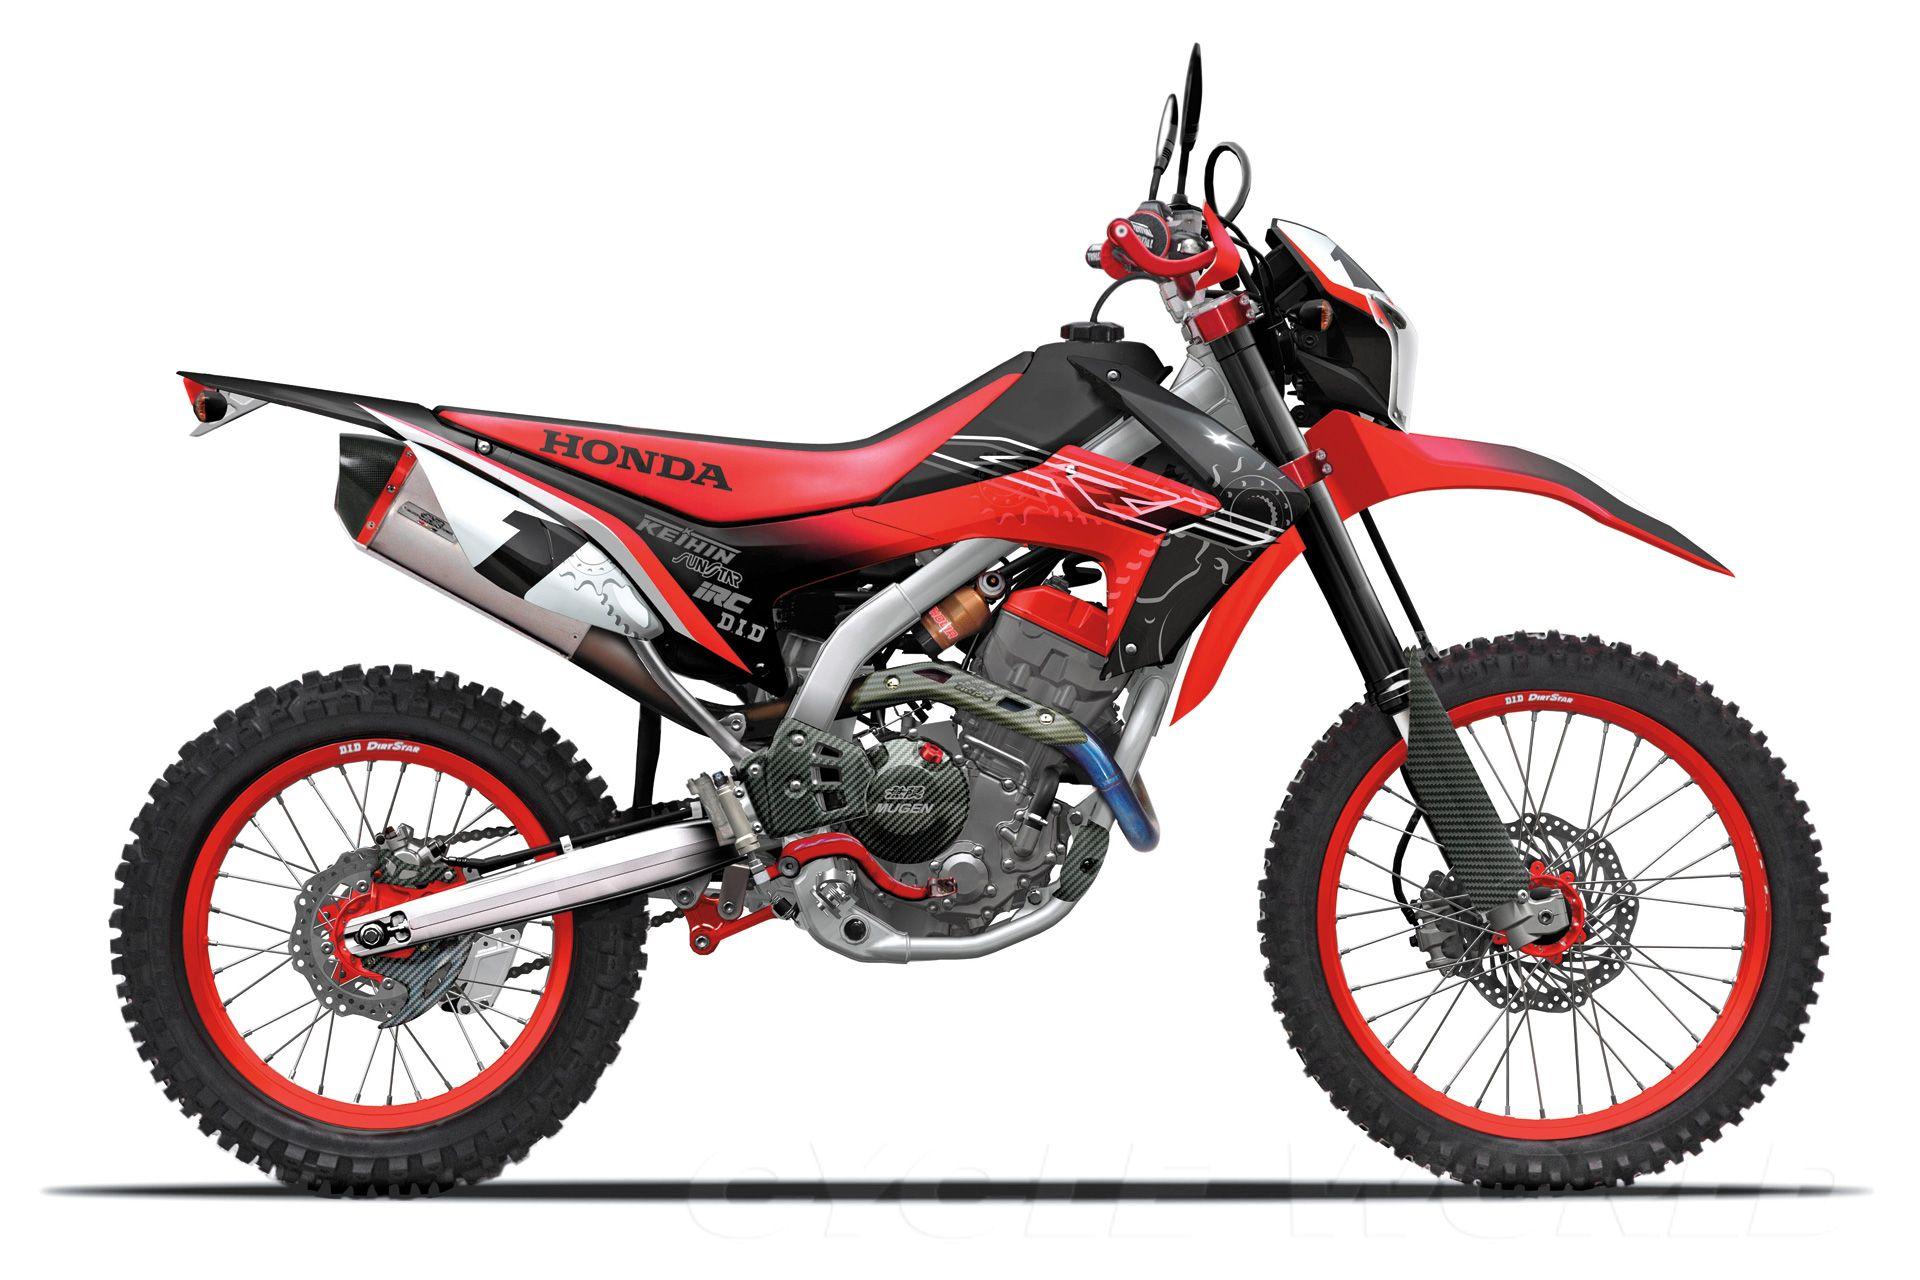 Honda Motorcycle Dealers Enduro Motorcycle Dual Sport Motorcycle Motorcycle